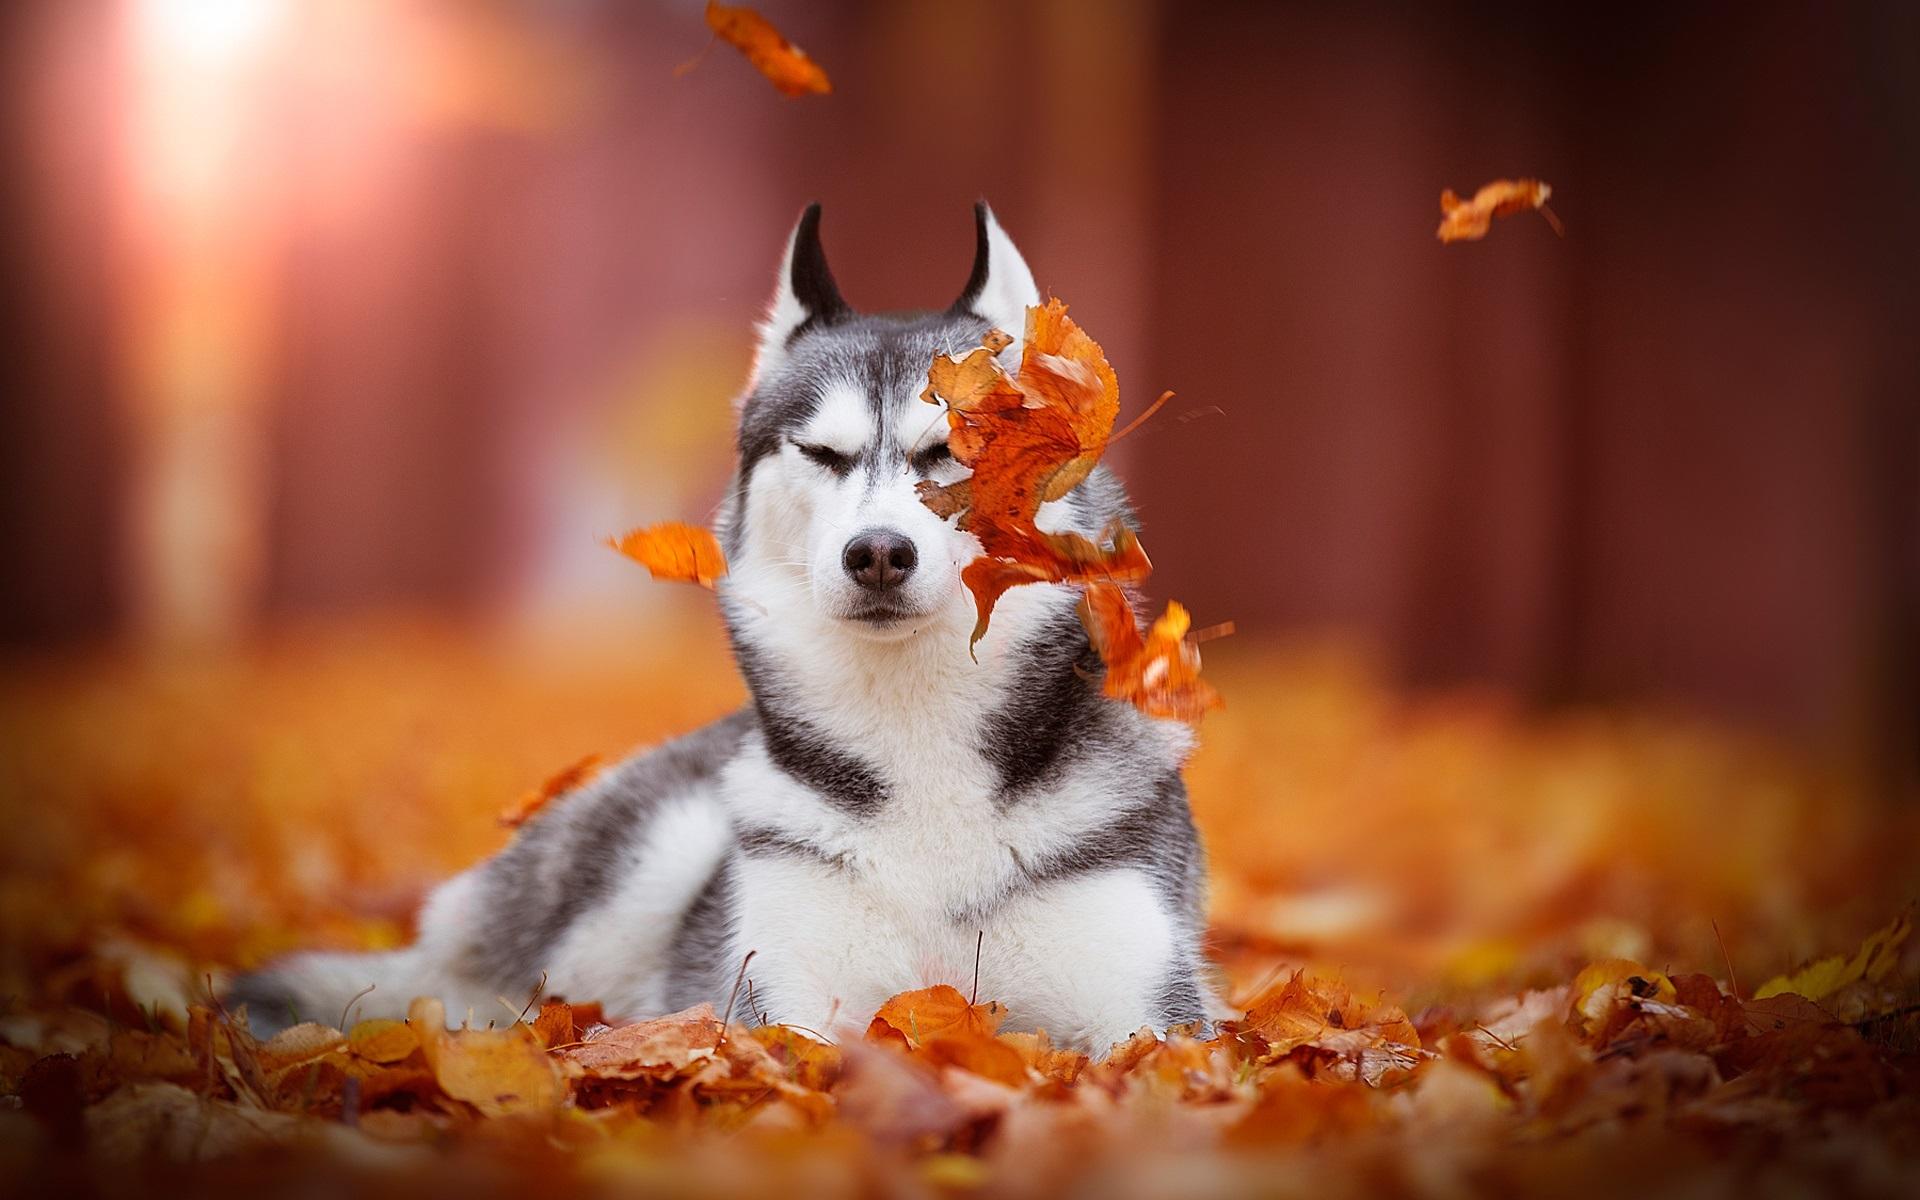 Perros Husky Siberiano Fondos De Pantalla Hd De Animales 2: Fondos De Pantalla Husky Siberiano, Perro, Hojas Rojas